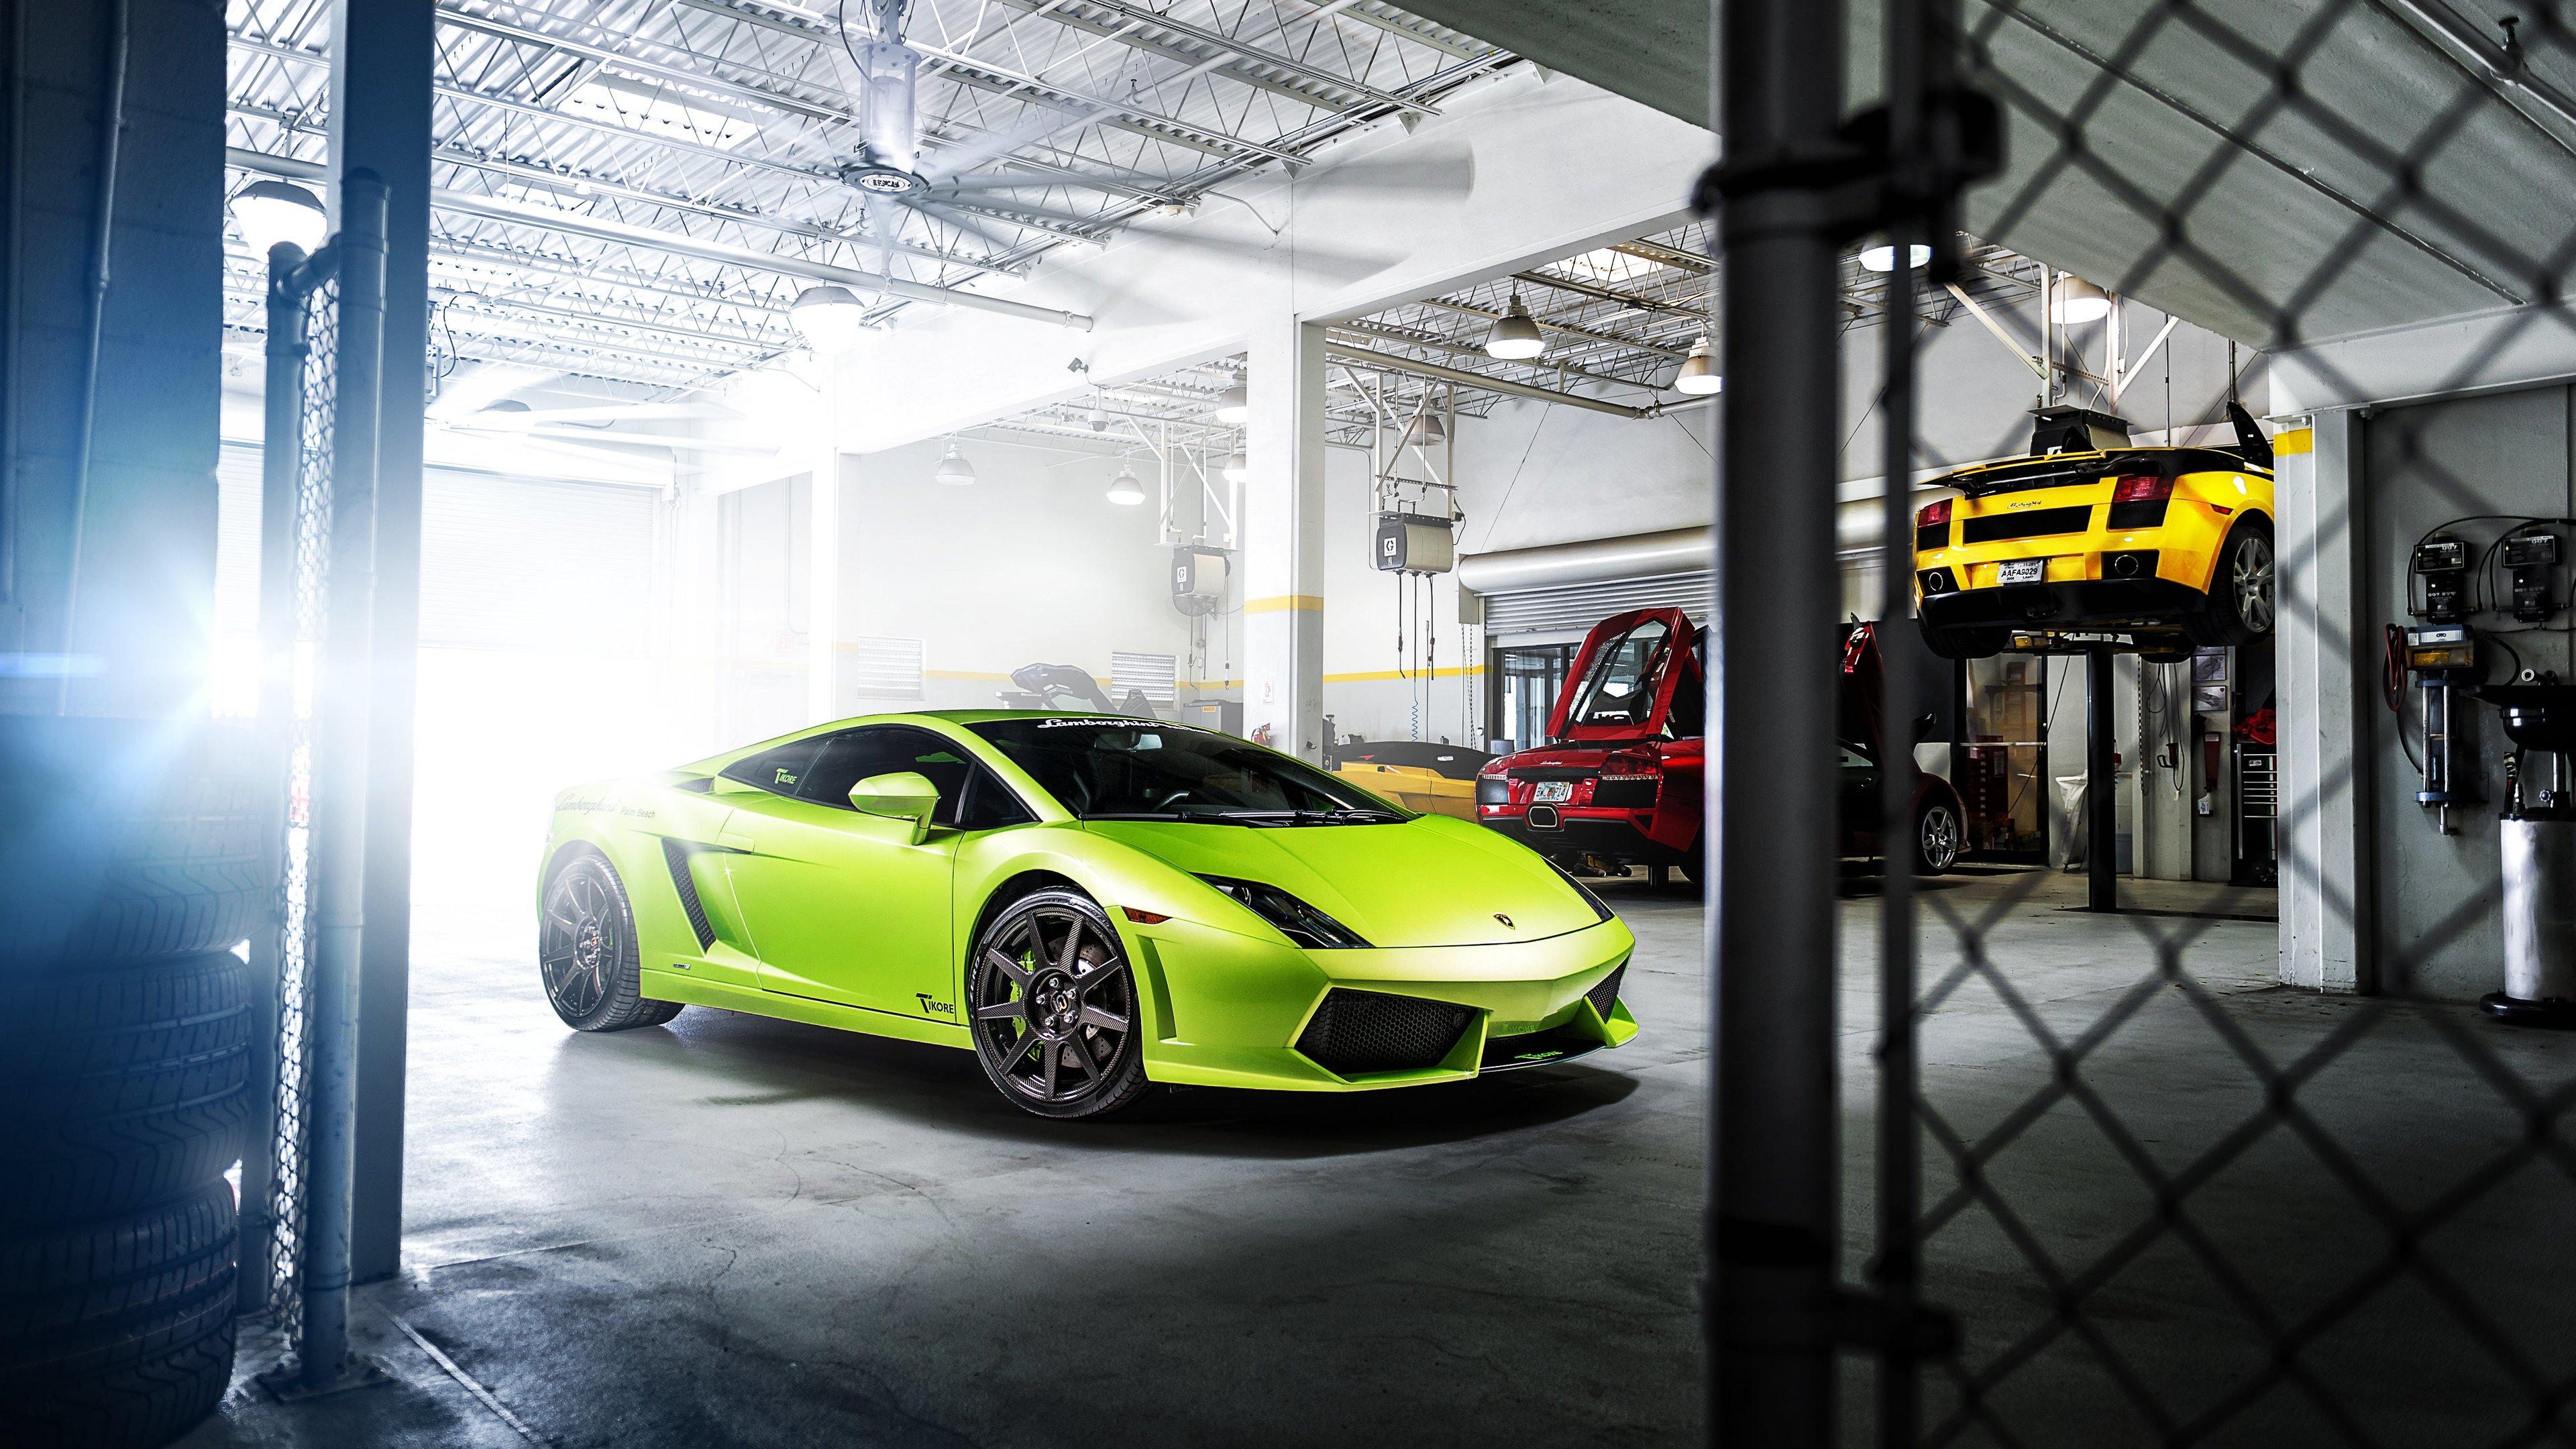 green lamborghini gallardo 1539111253 - Green Lamborghini Gallardo - lamborghini wallpapers, lamborghini gallardo wallpapers, hd-wallpapers, cars wallpapers, 5k wallpapers, 4k-wallpapers